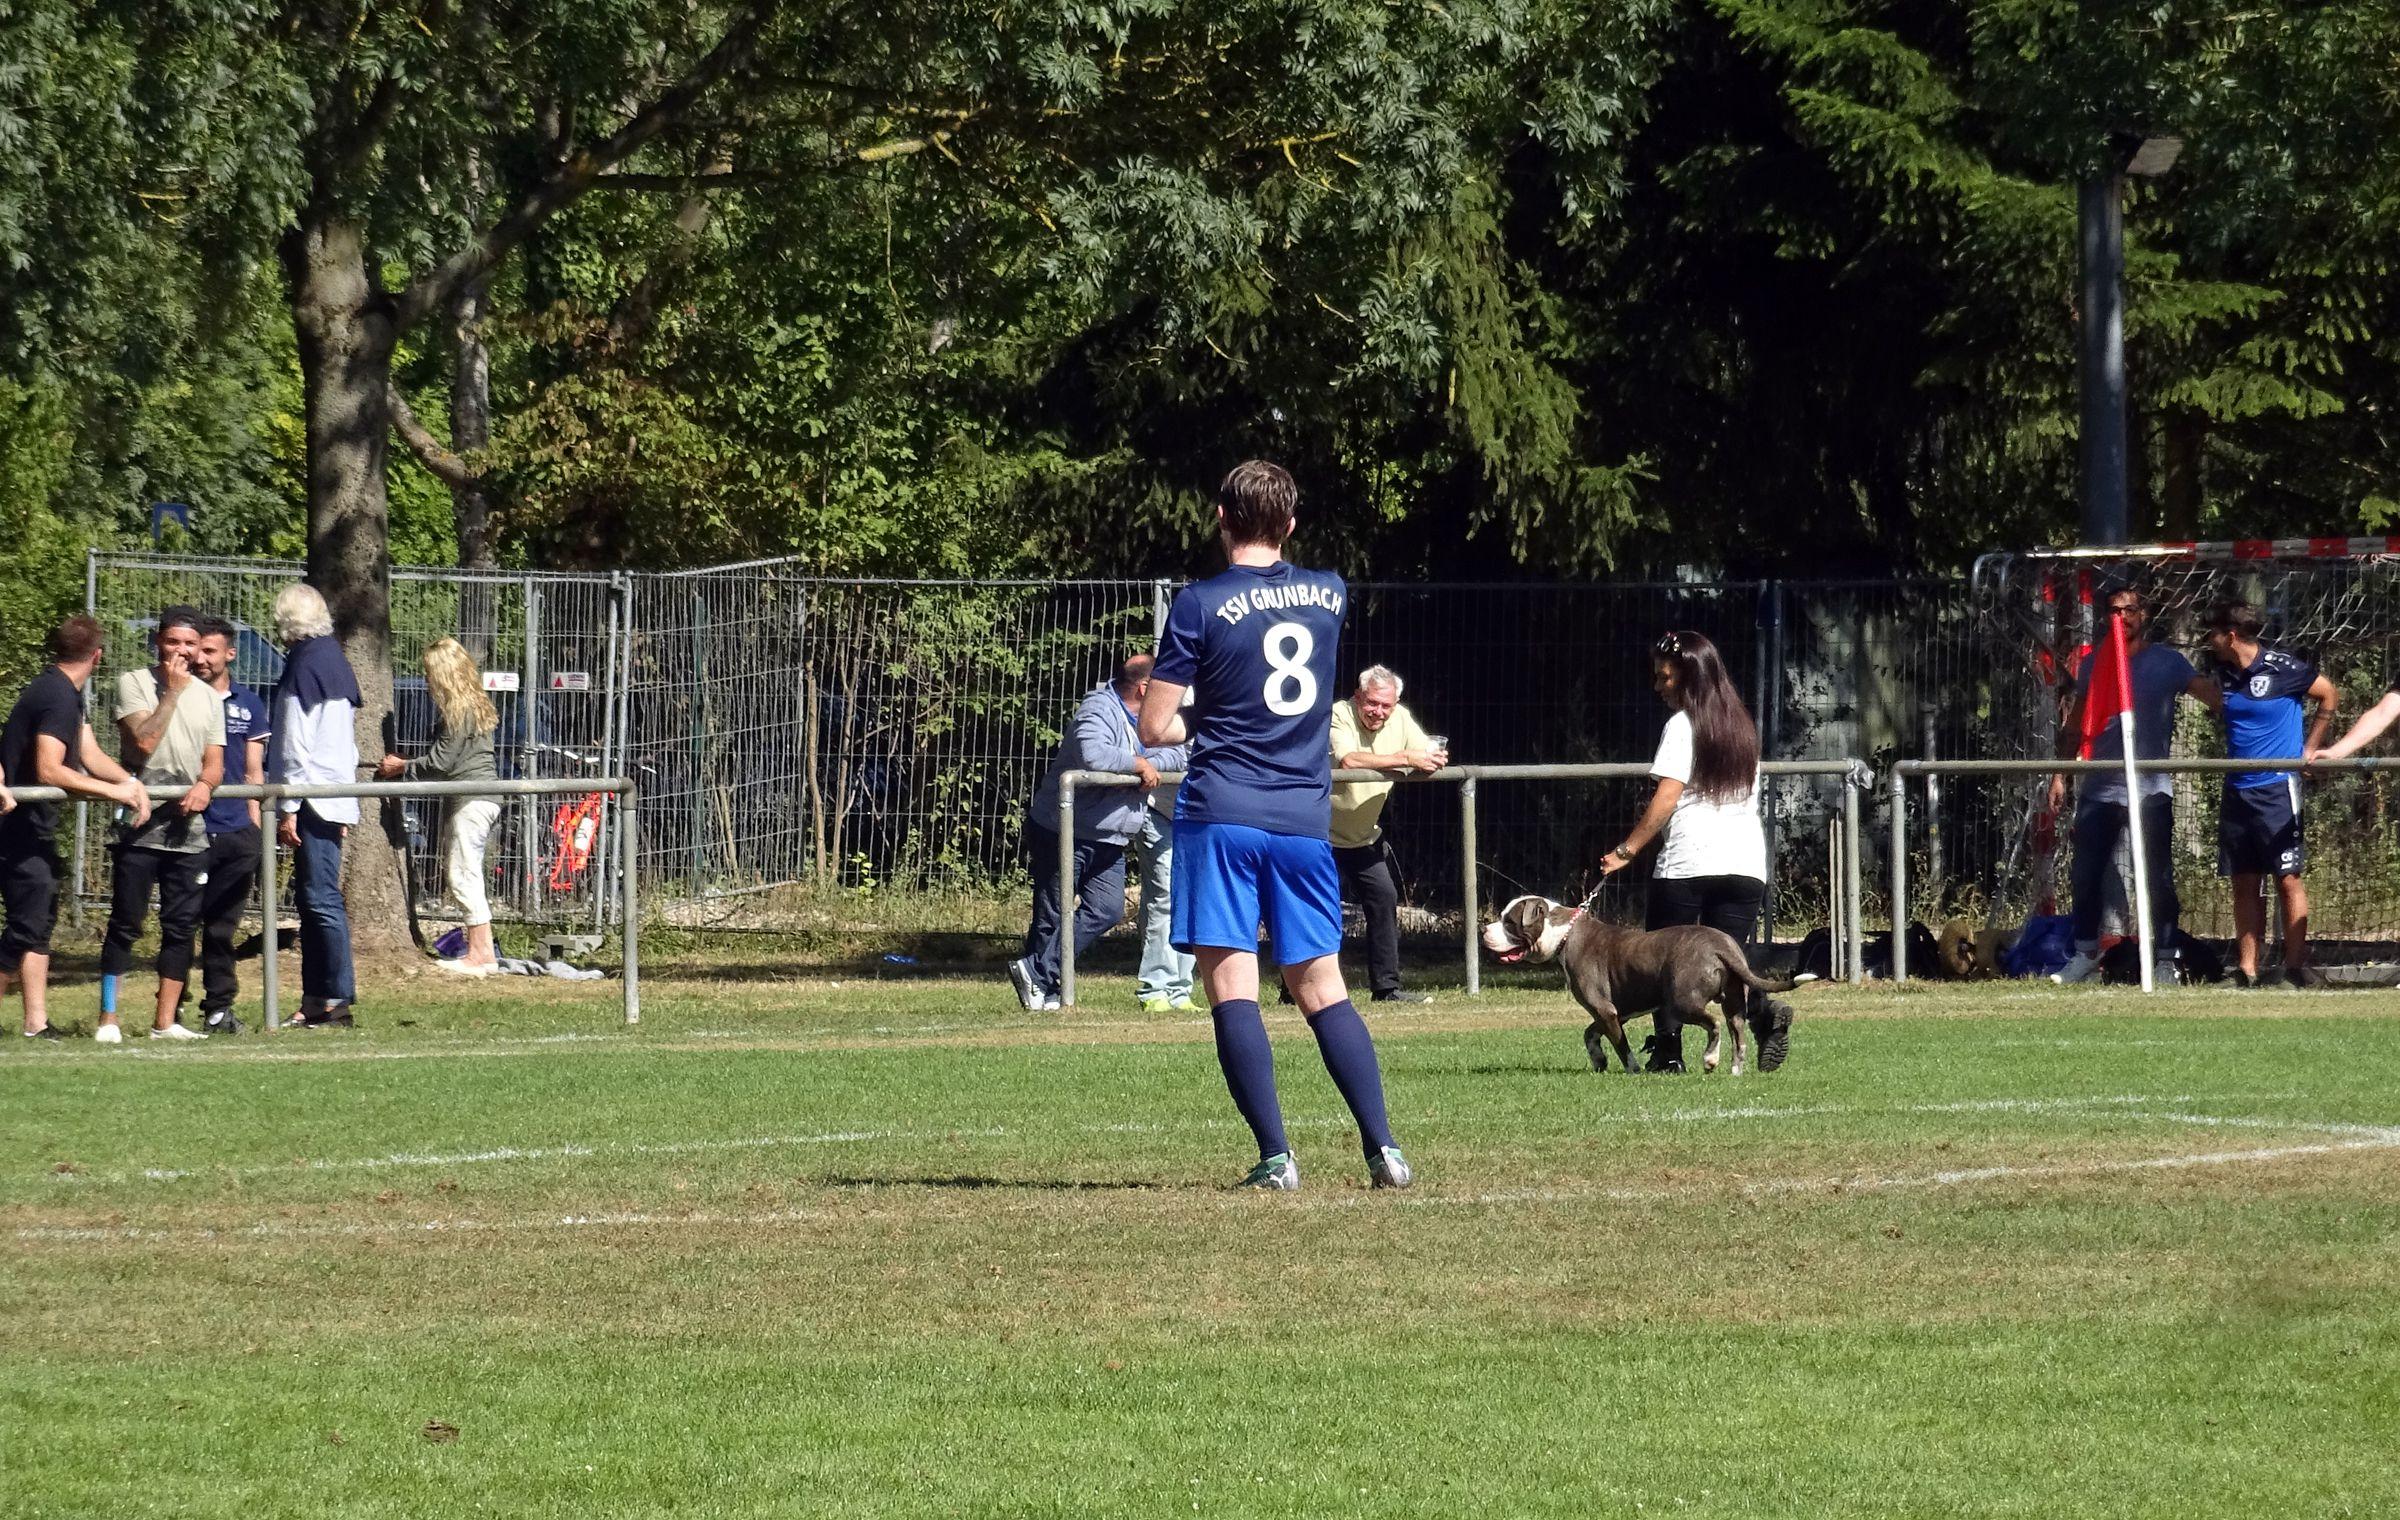 Nur in der Landesliga: Ein fieser unförmiger Kampfhund läuft während des Spiels auf den Rasen und muss eingefangen werden…